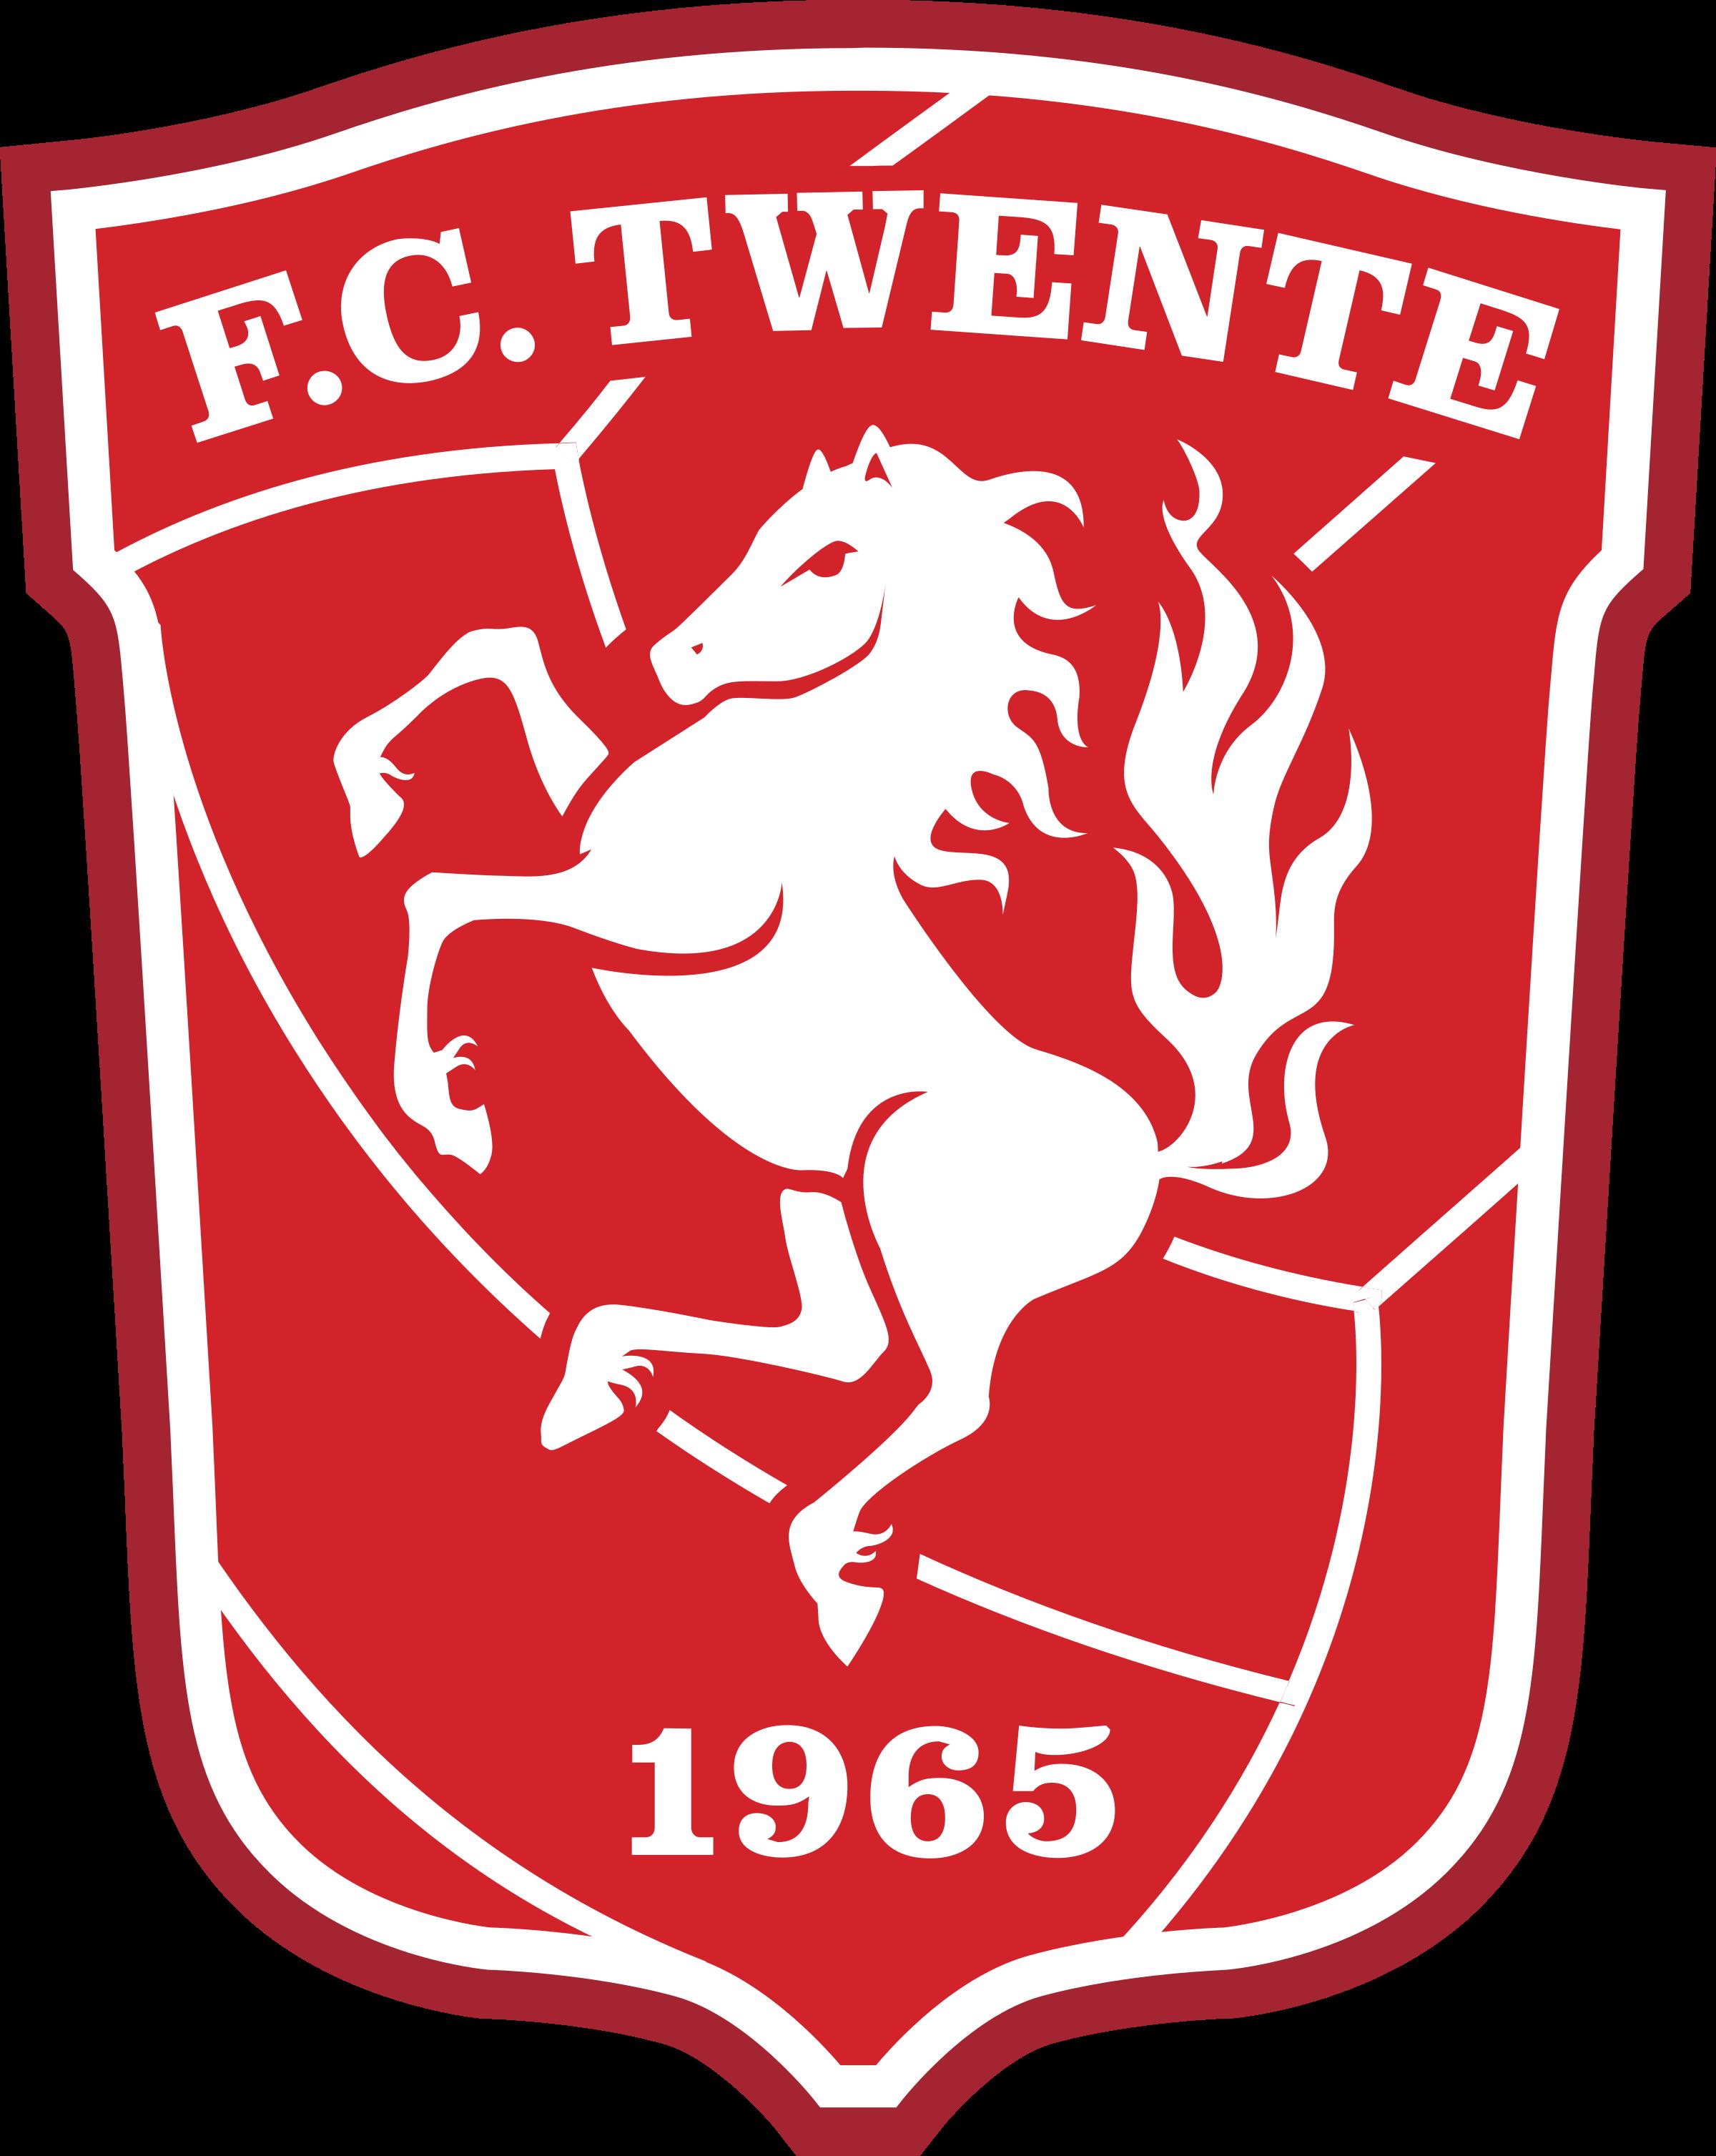 Twente Camiseta | Camiseta Twente replica 2021 2022